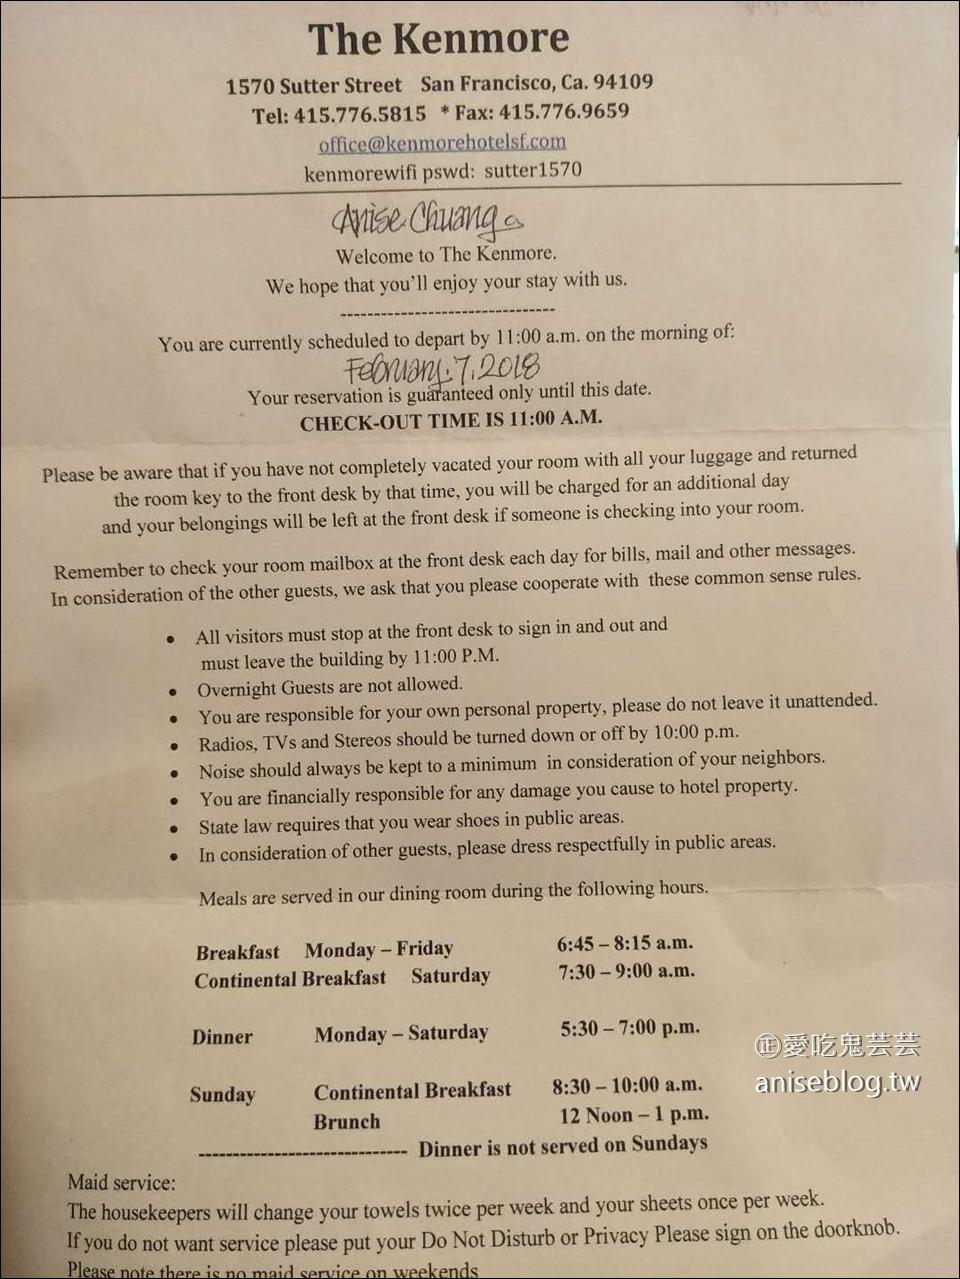 舊金山遊學 | 住宿(含早晚餐)以及行前注意事項(自助家遊學網 x Embassy)